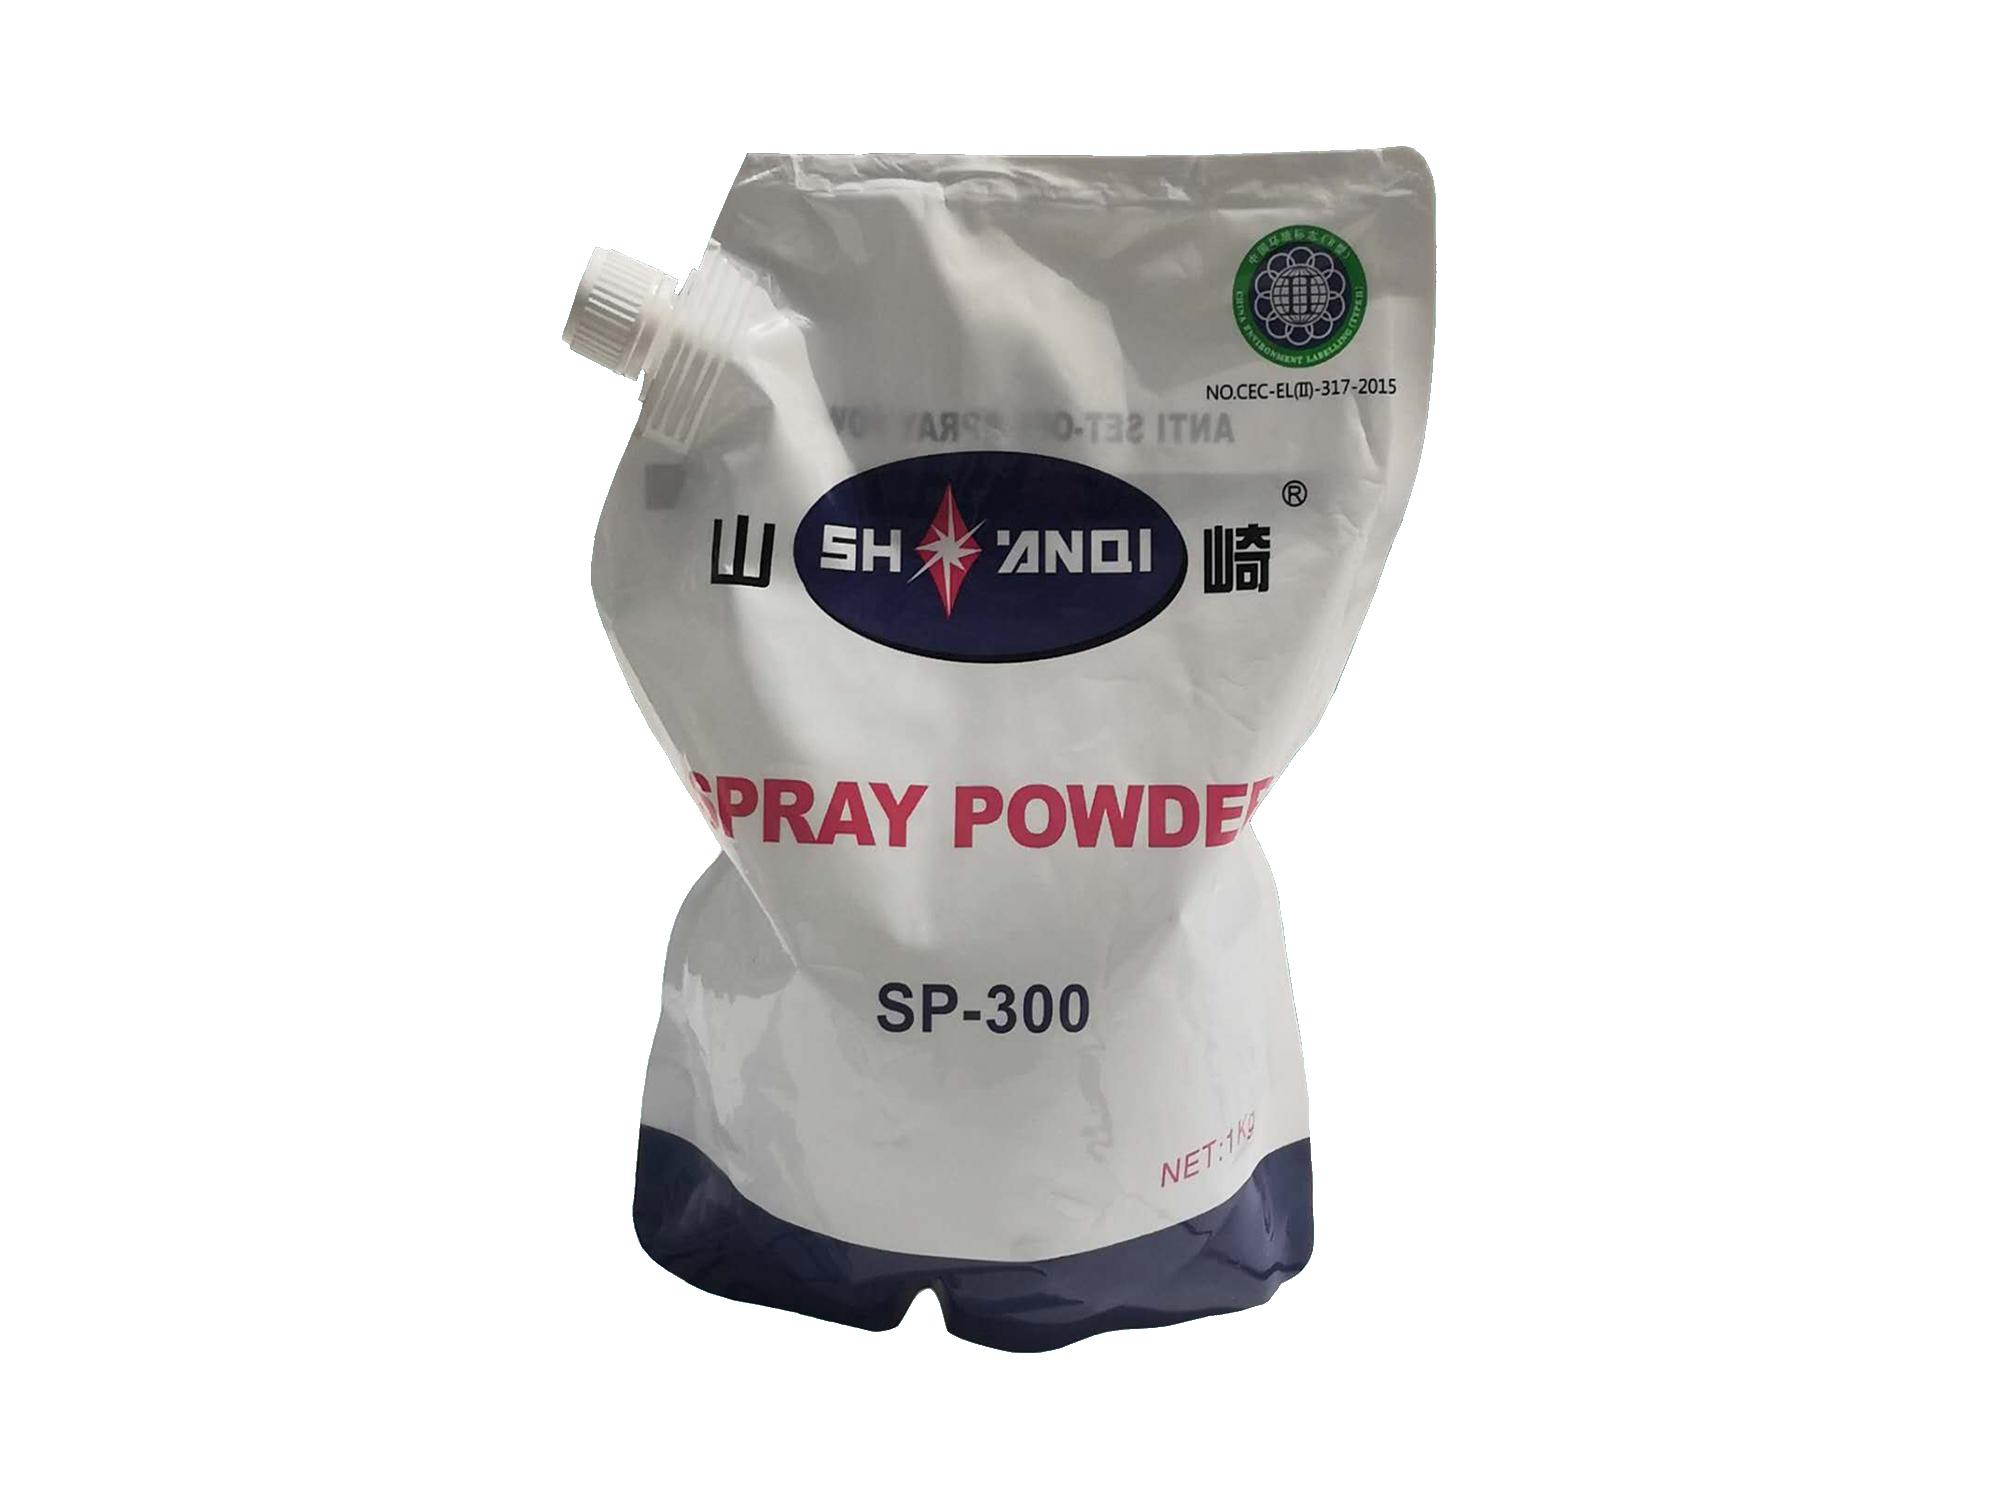 SP-300 Type Spray Powder